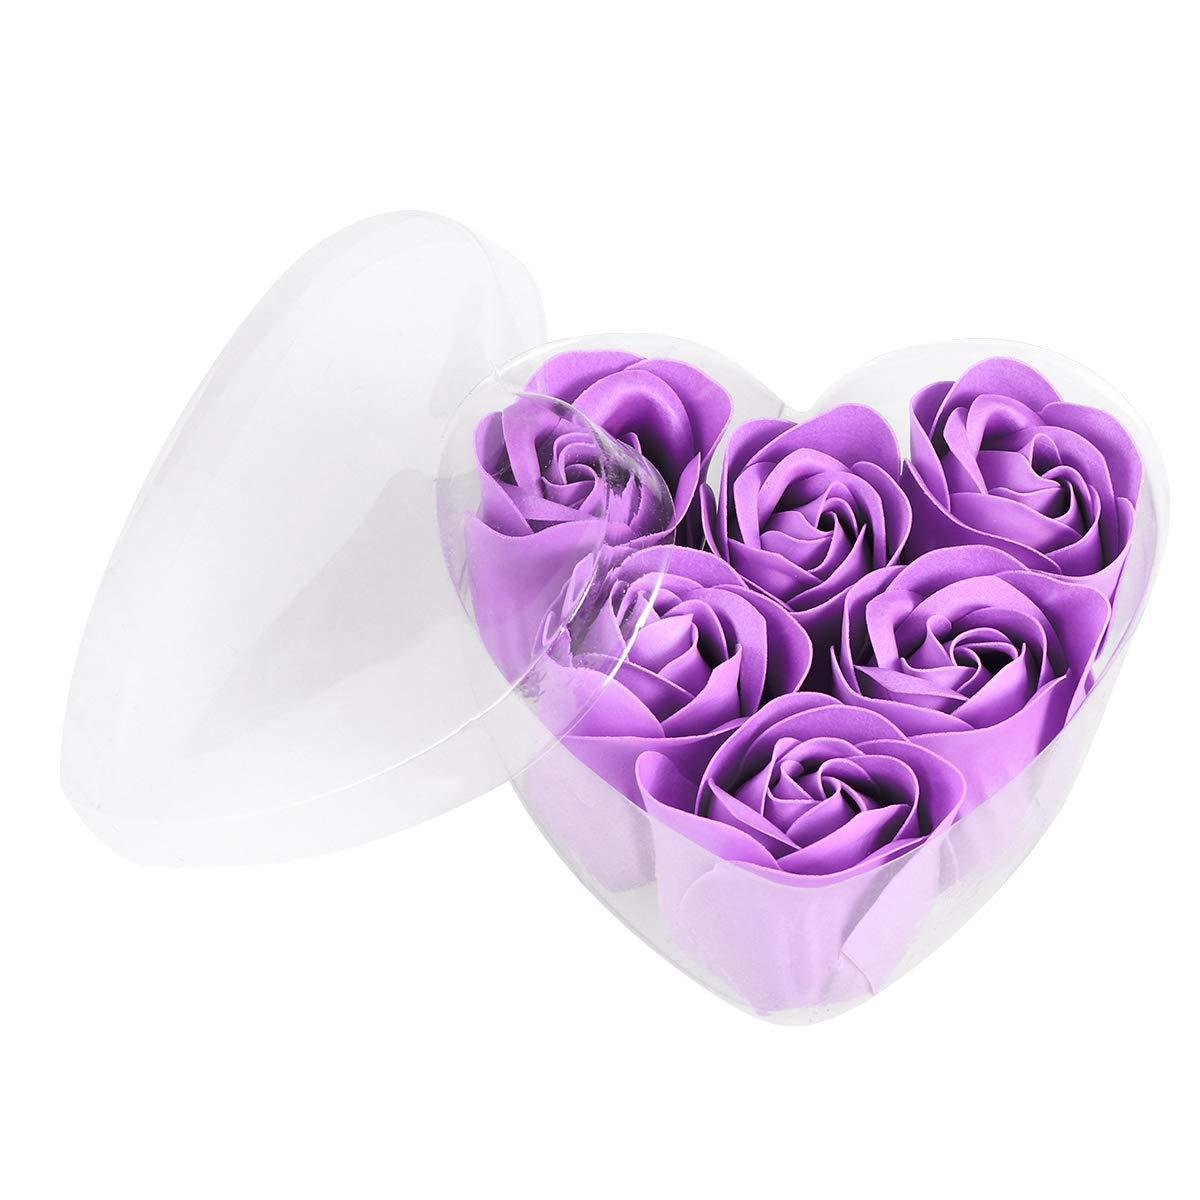 ボール刑務所ミスBeaupretty 6本シミュレーションローズソープハート型フラワーソープギフトボックス結婚式の誕生日Valentin's Day(紫)